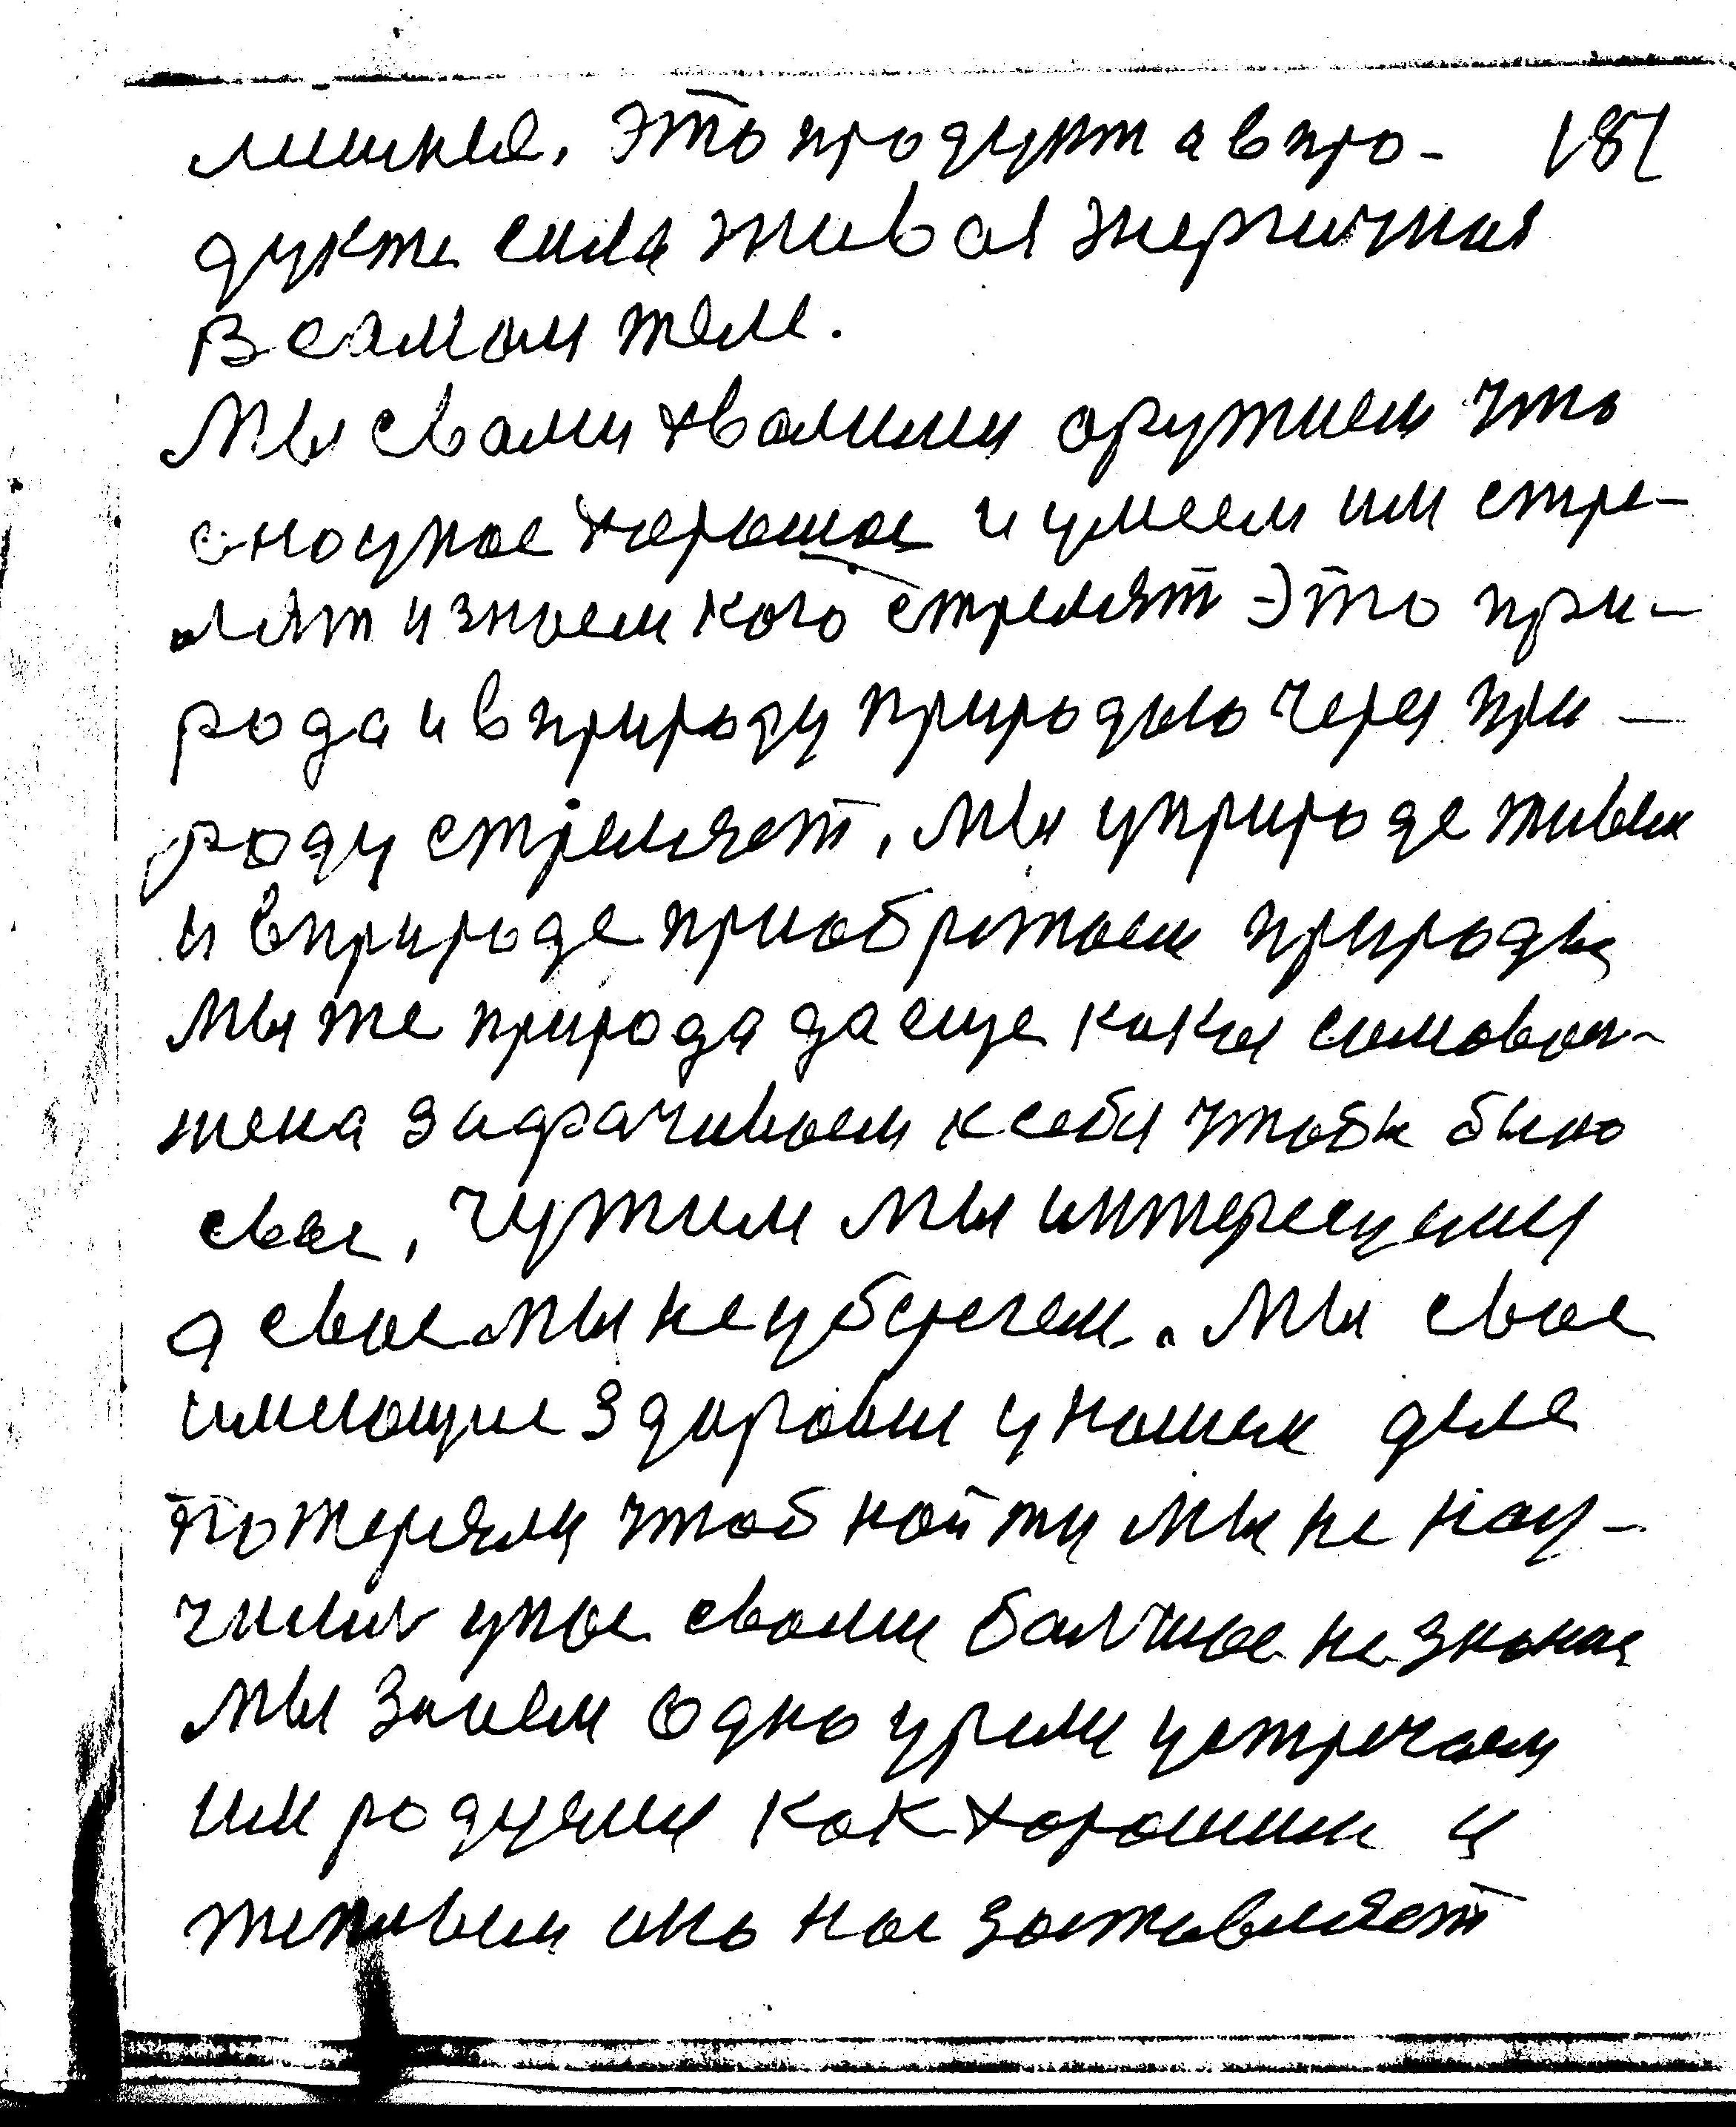 14-181.jpg